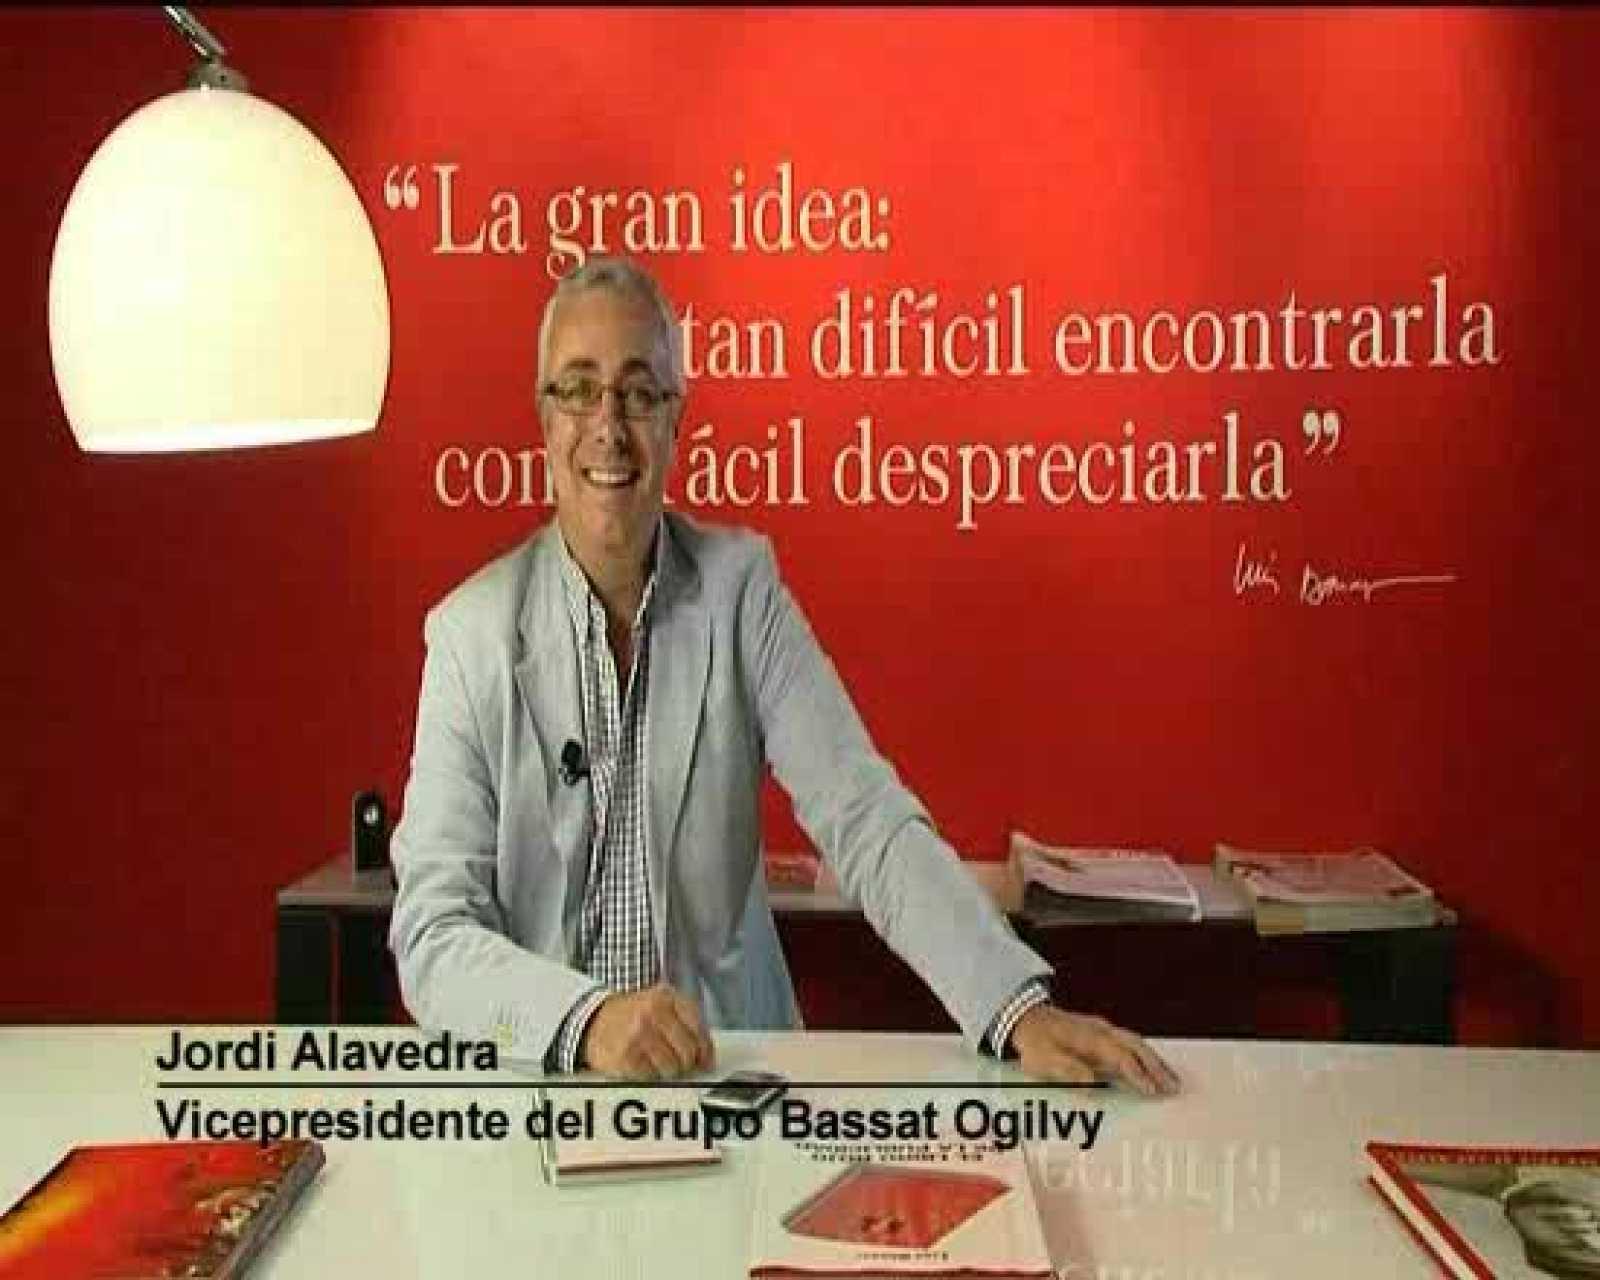 Quieres un stage en la agencia de publicidad Bassat Ogilvy